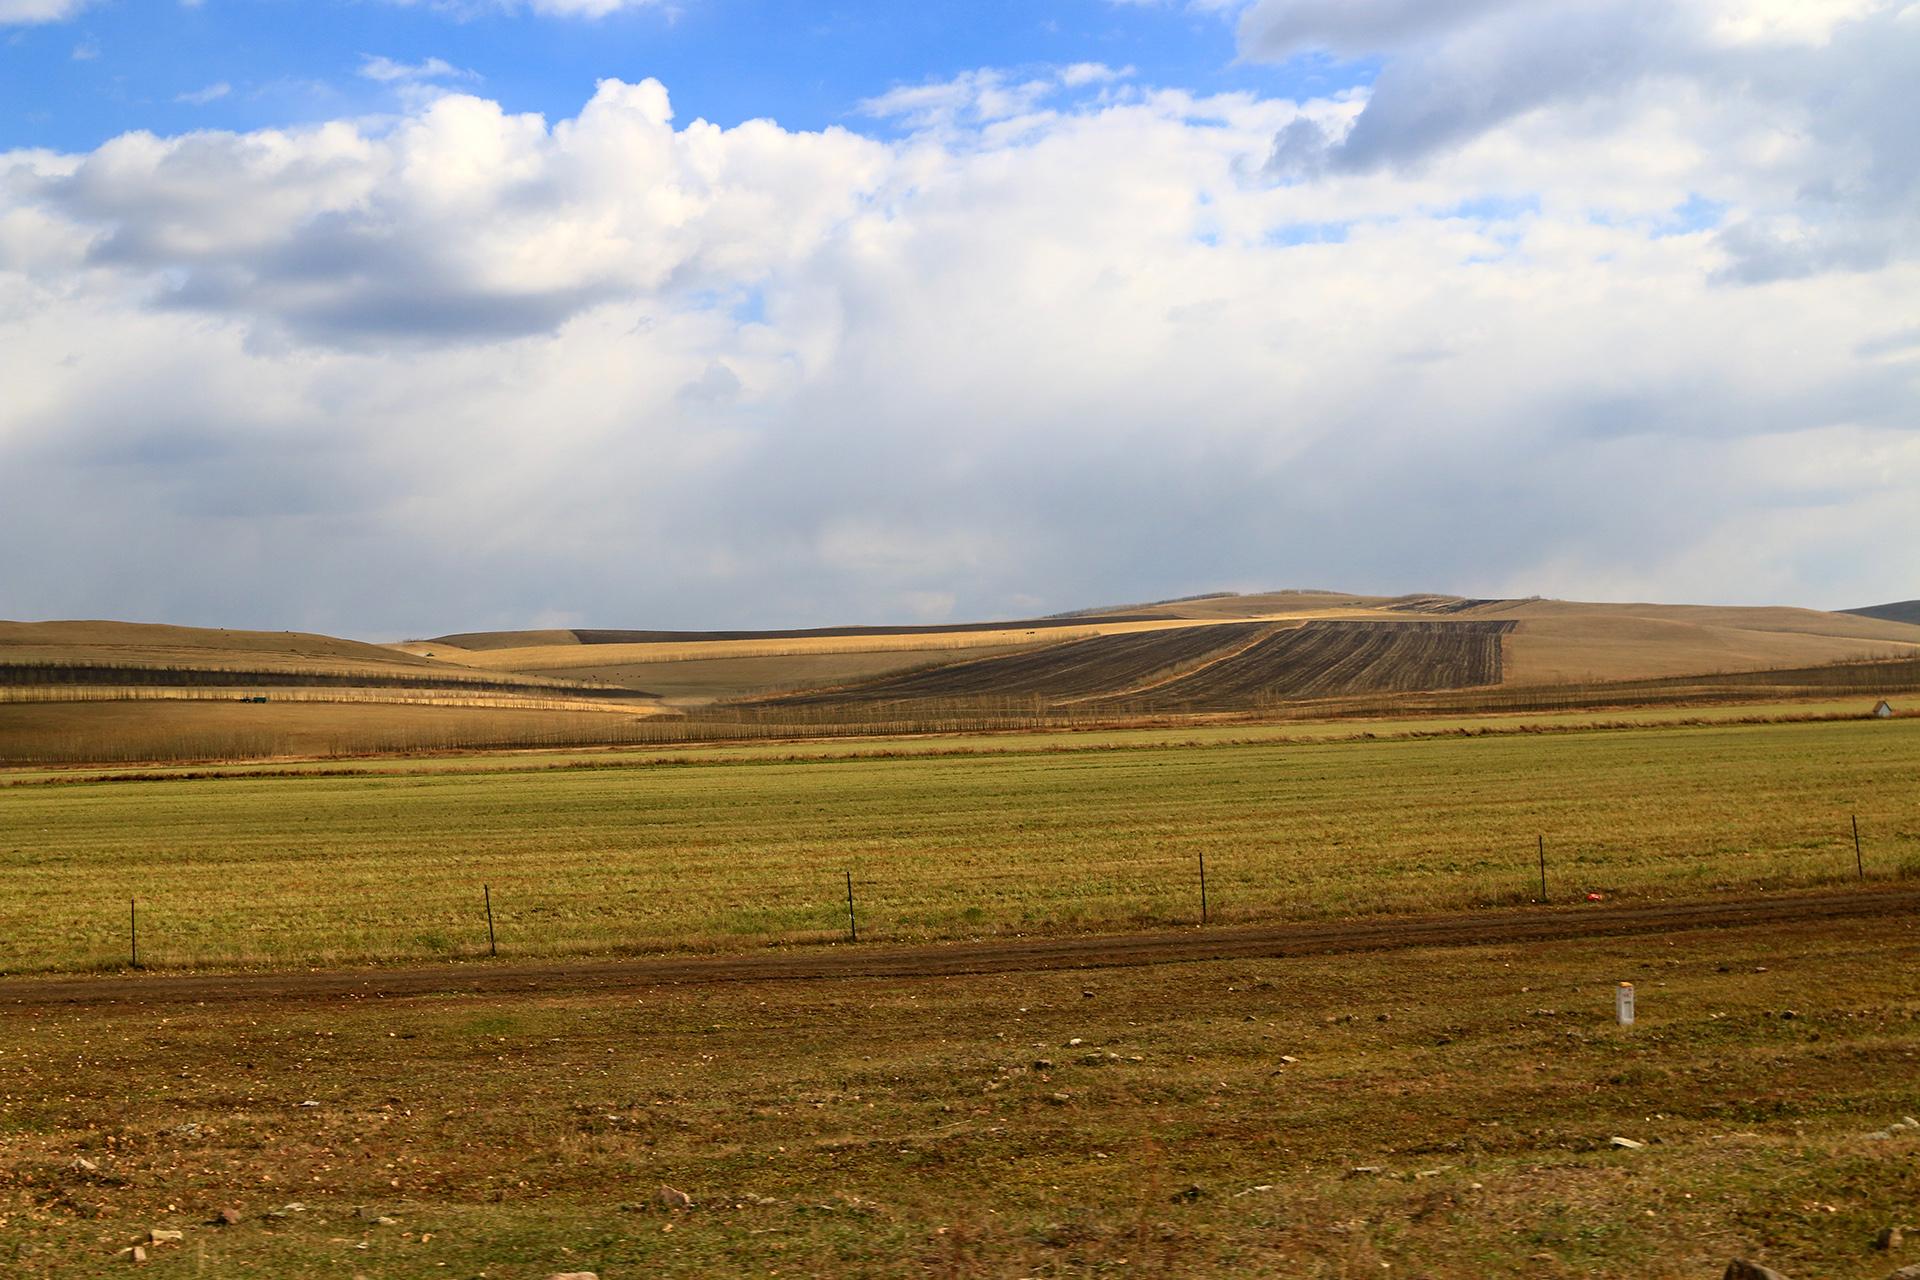 金秋呼伦贝尔,追寻最美的草原,森林和星空 - 额尔古纳图片